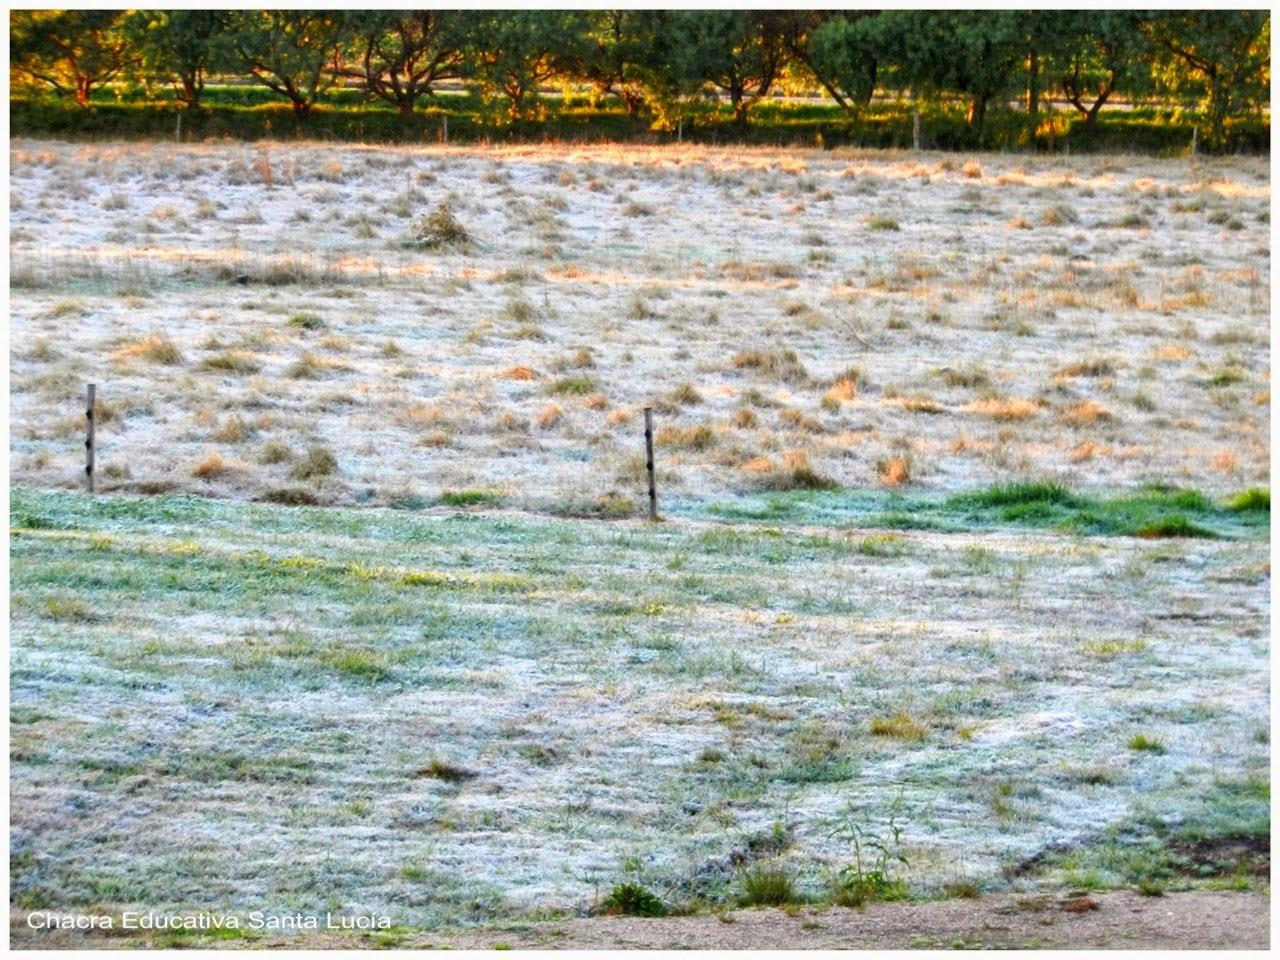 la helada sobre el pasto - ground frost - Chacra Educativa Santa Lucía